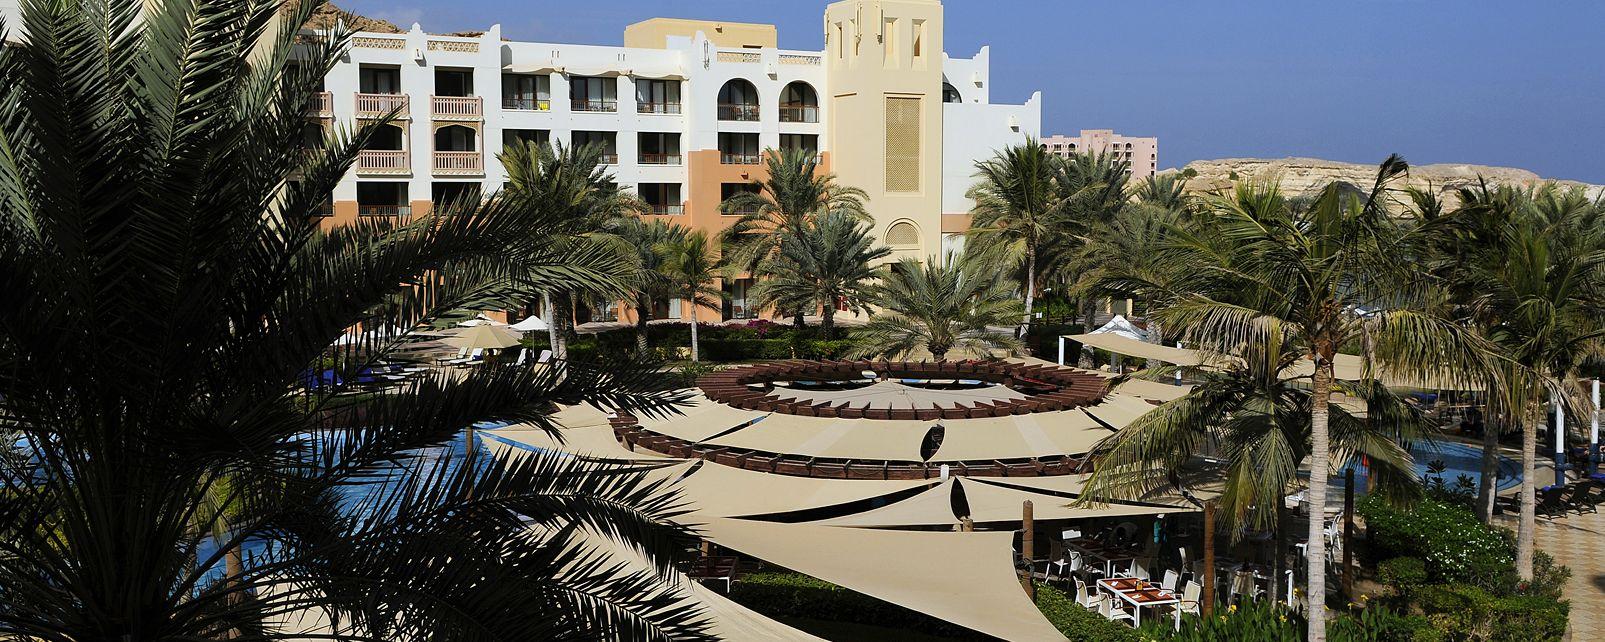 Hôtel Shangri La Al Waha